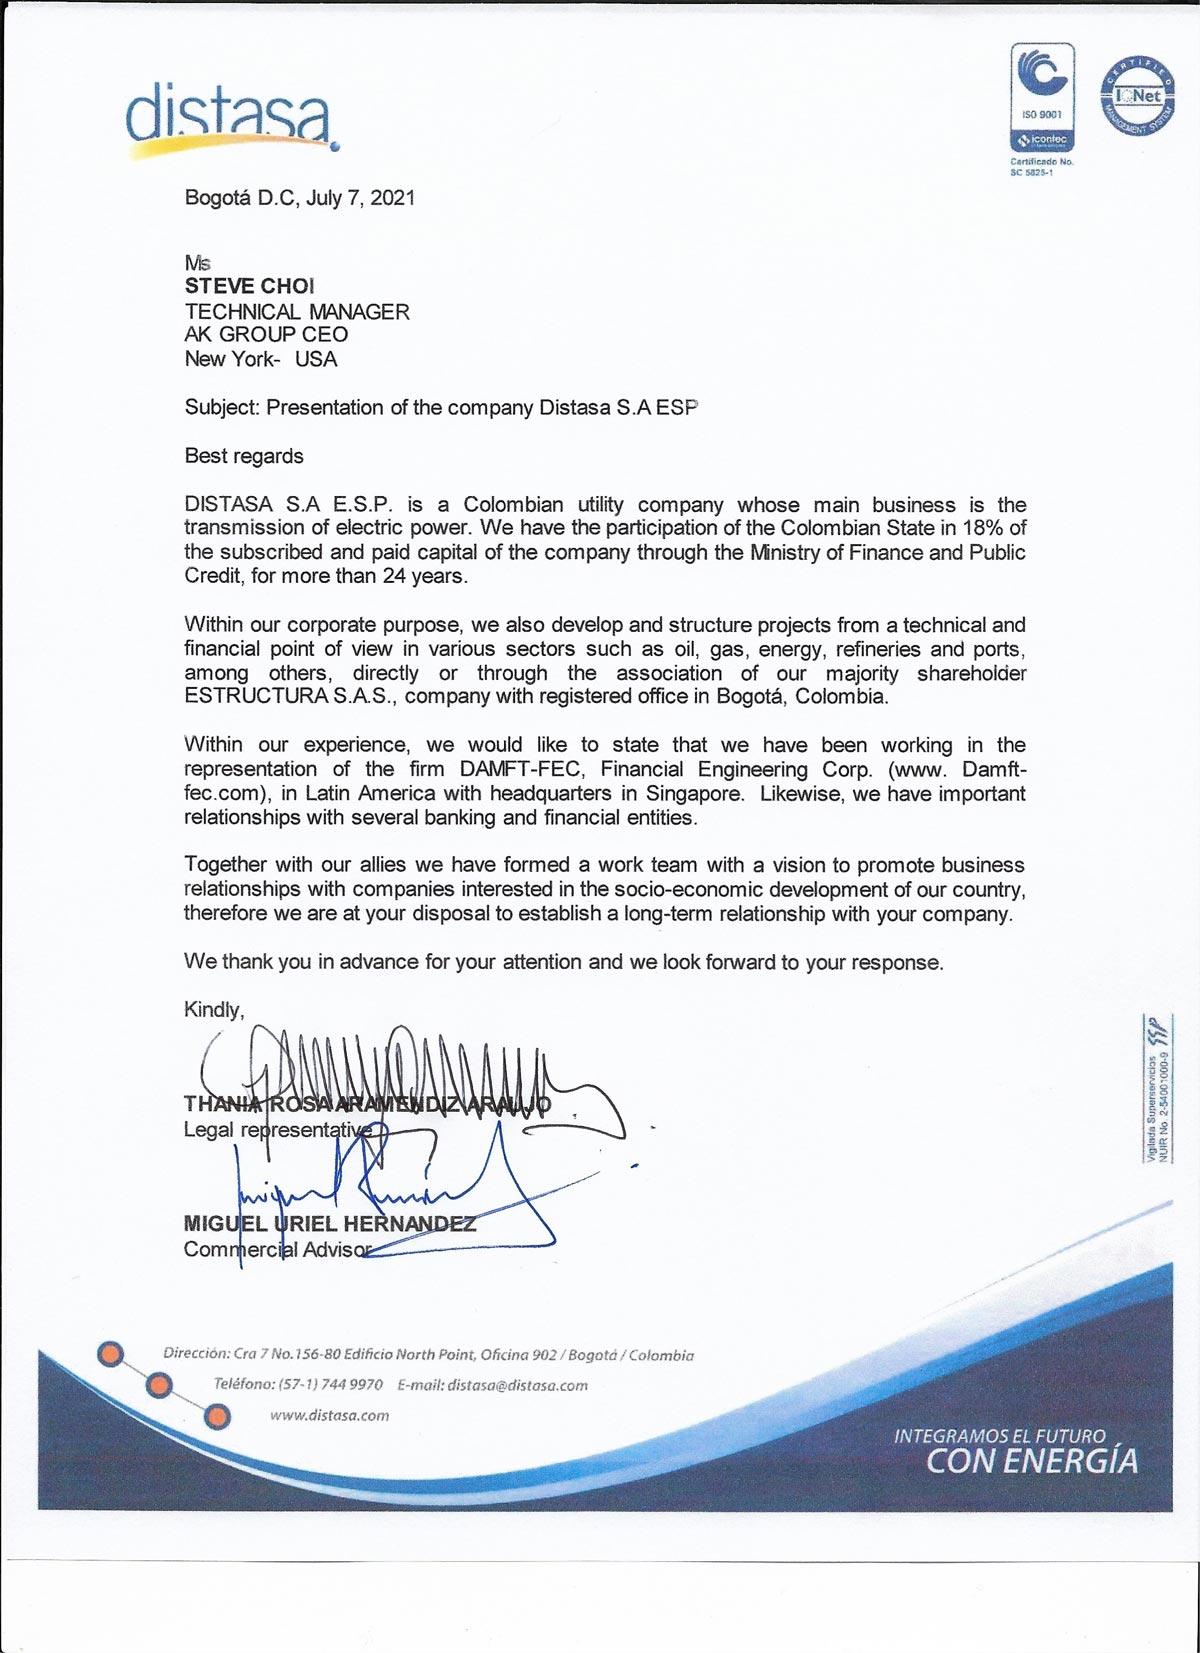 콜롬비아 전력회사 distasa로부터 온 편지